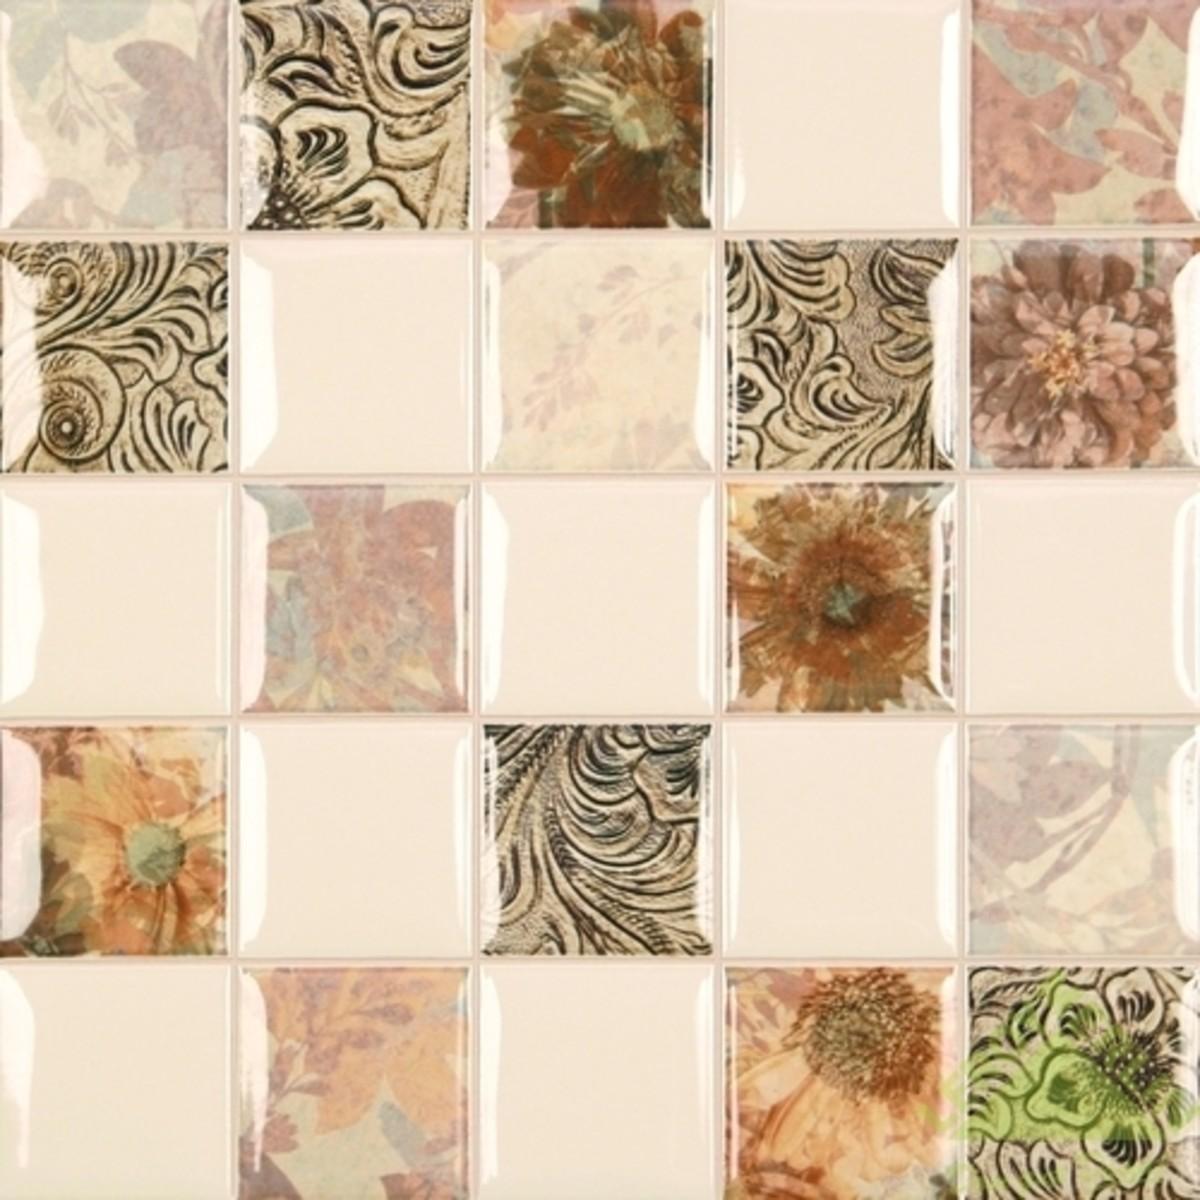 Плитка настенная Mosaico Becha цвет бежевый 35x35 см 147 м2